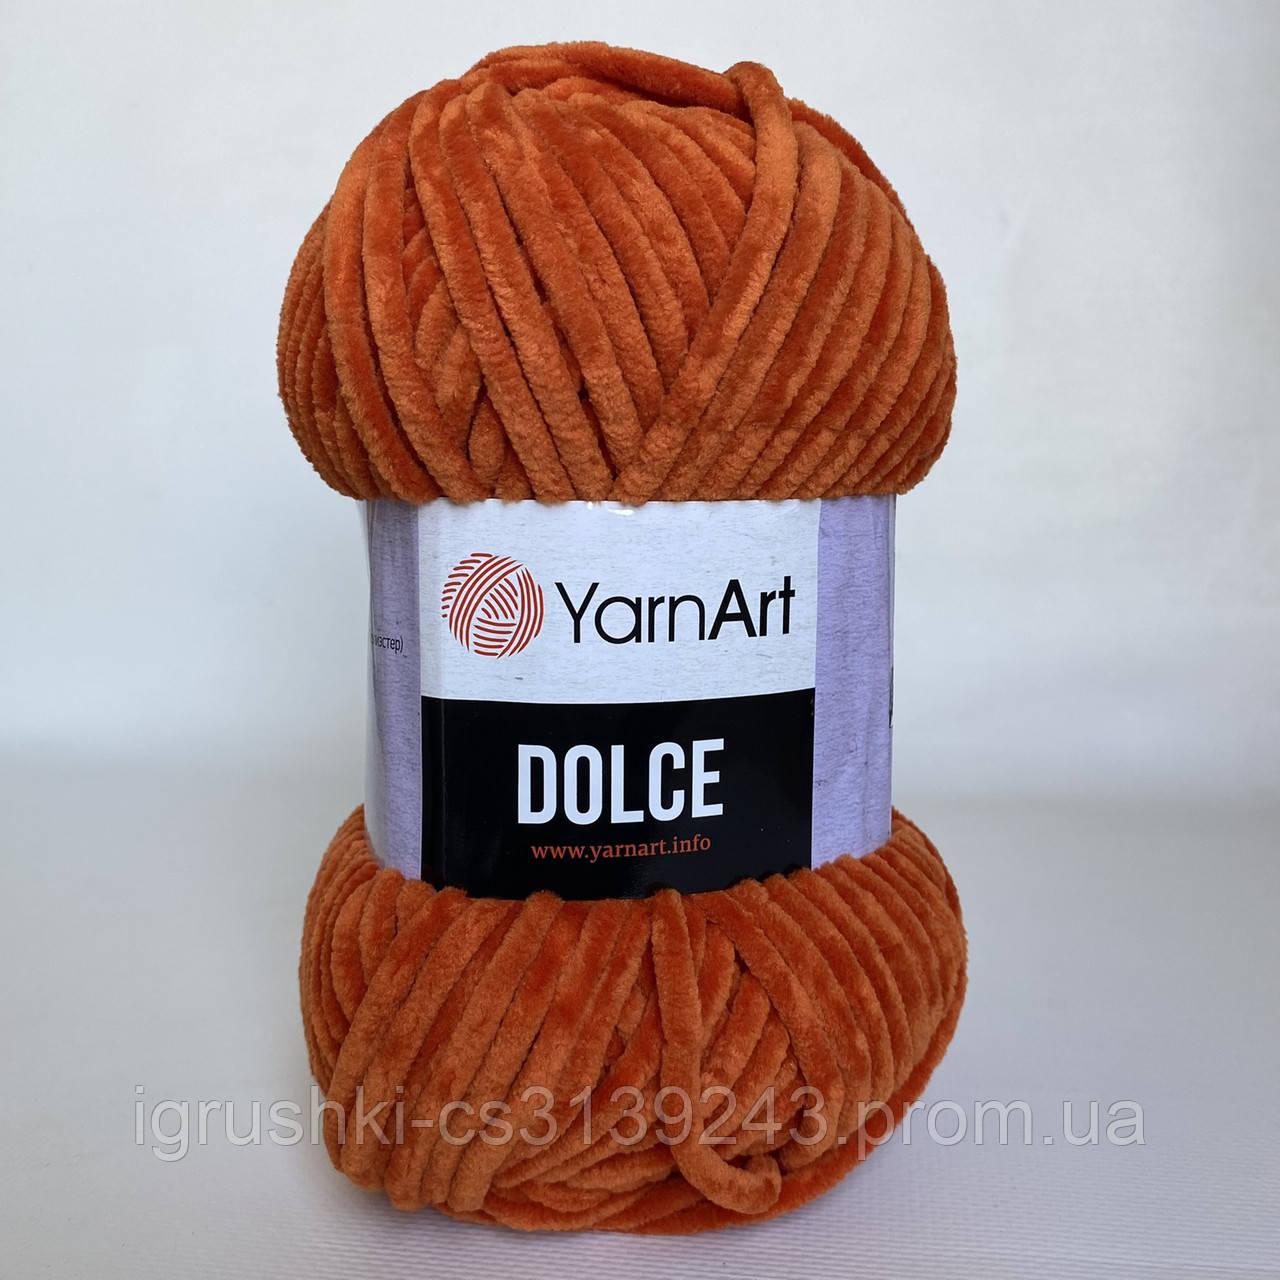 Плюшевая пряжа YarnArt Dolce 778 (ЯрнАрт Дольче) Кирпичный